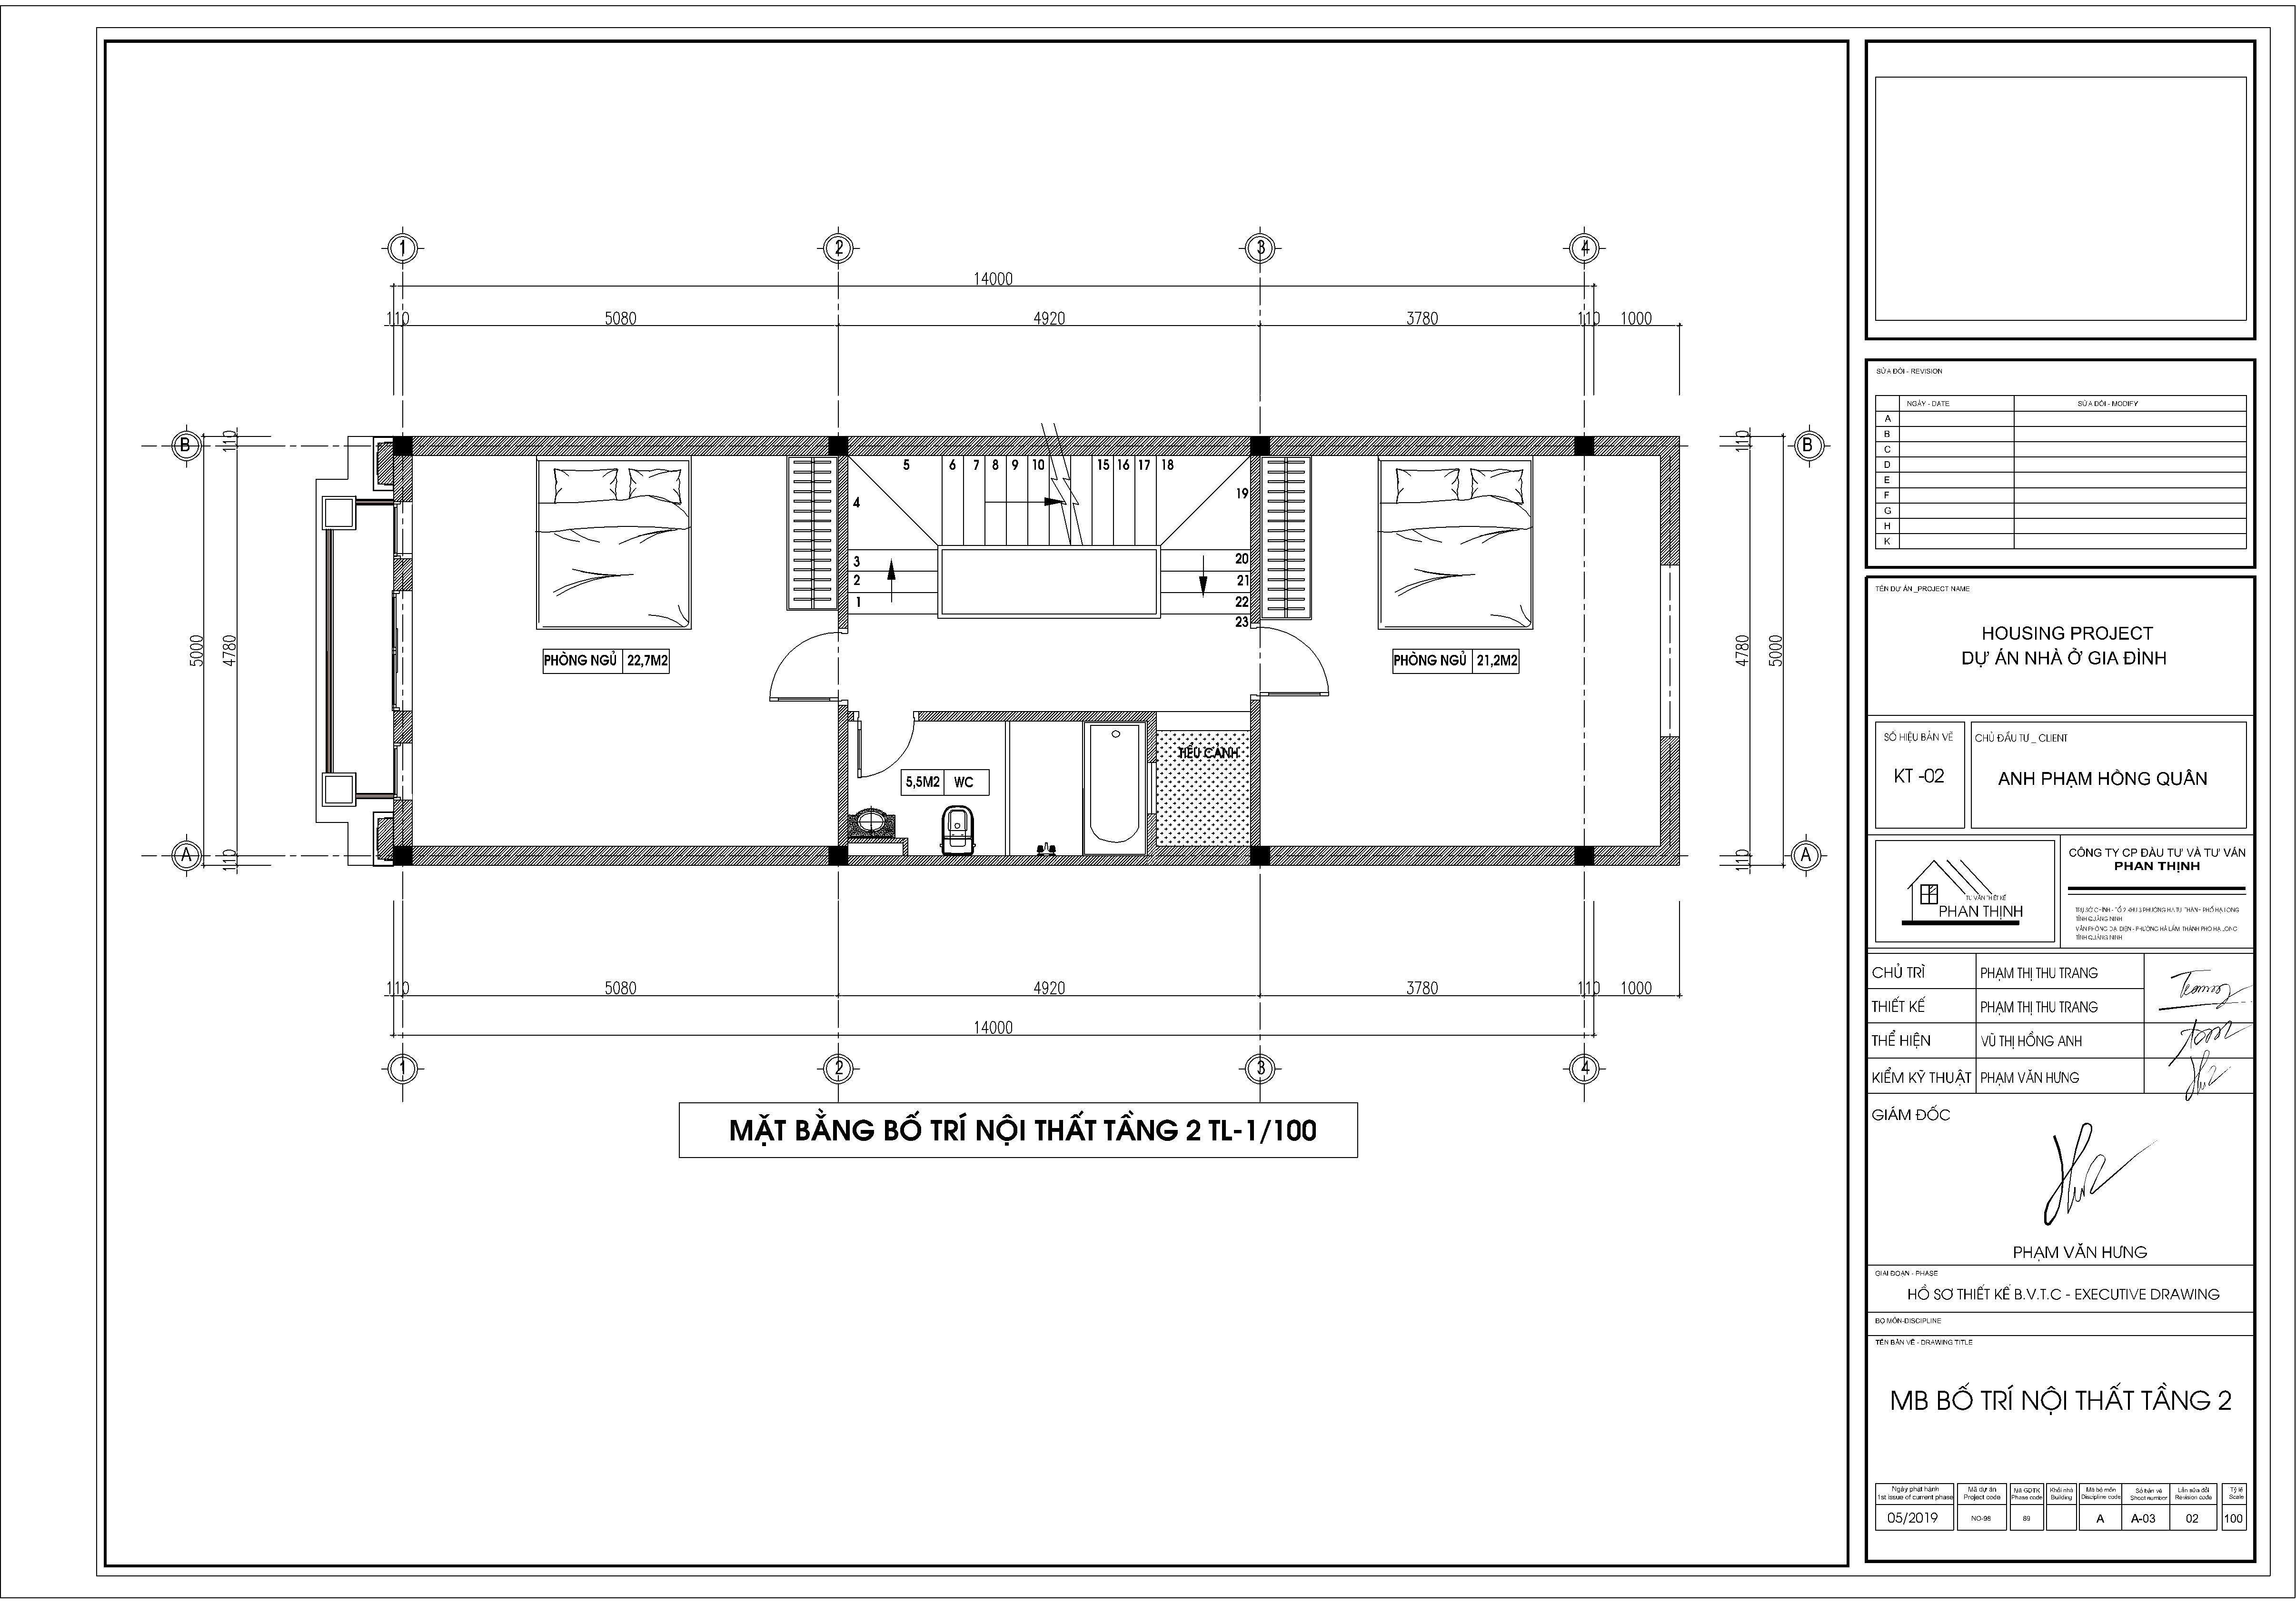 Mặt bằng thiết kế bố trí nội thất tại tầng 2